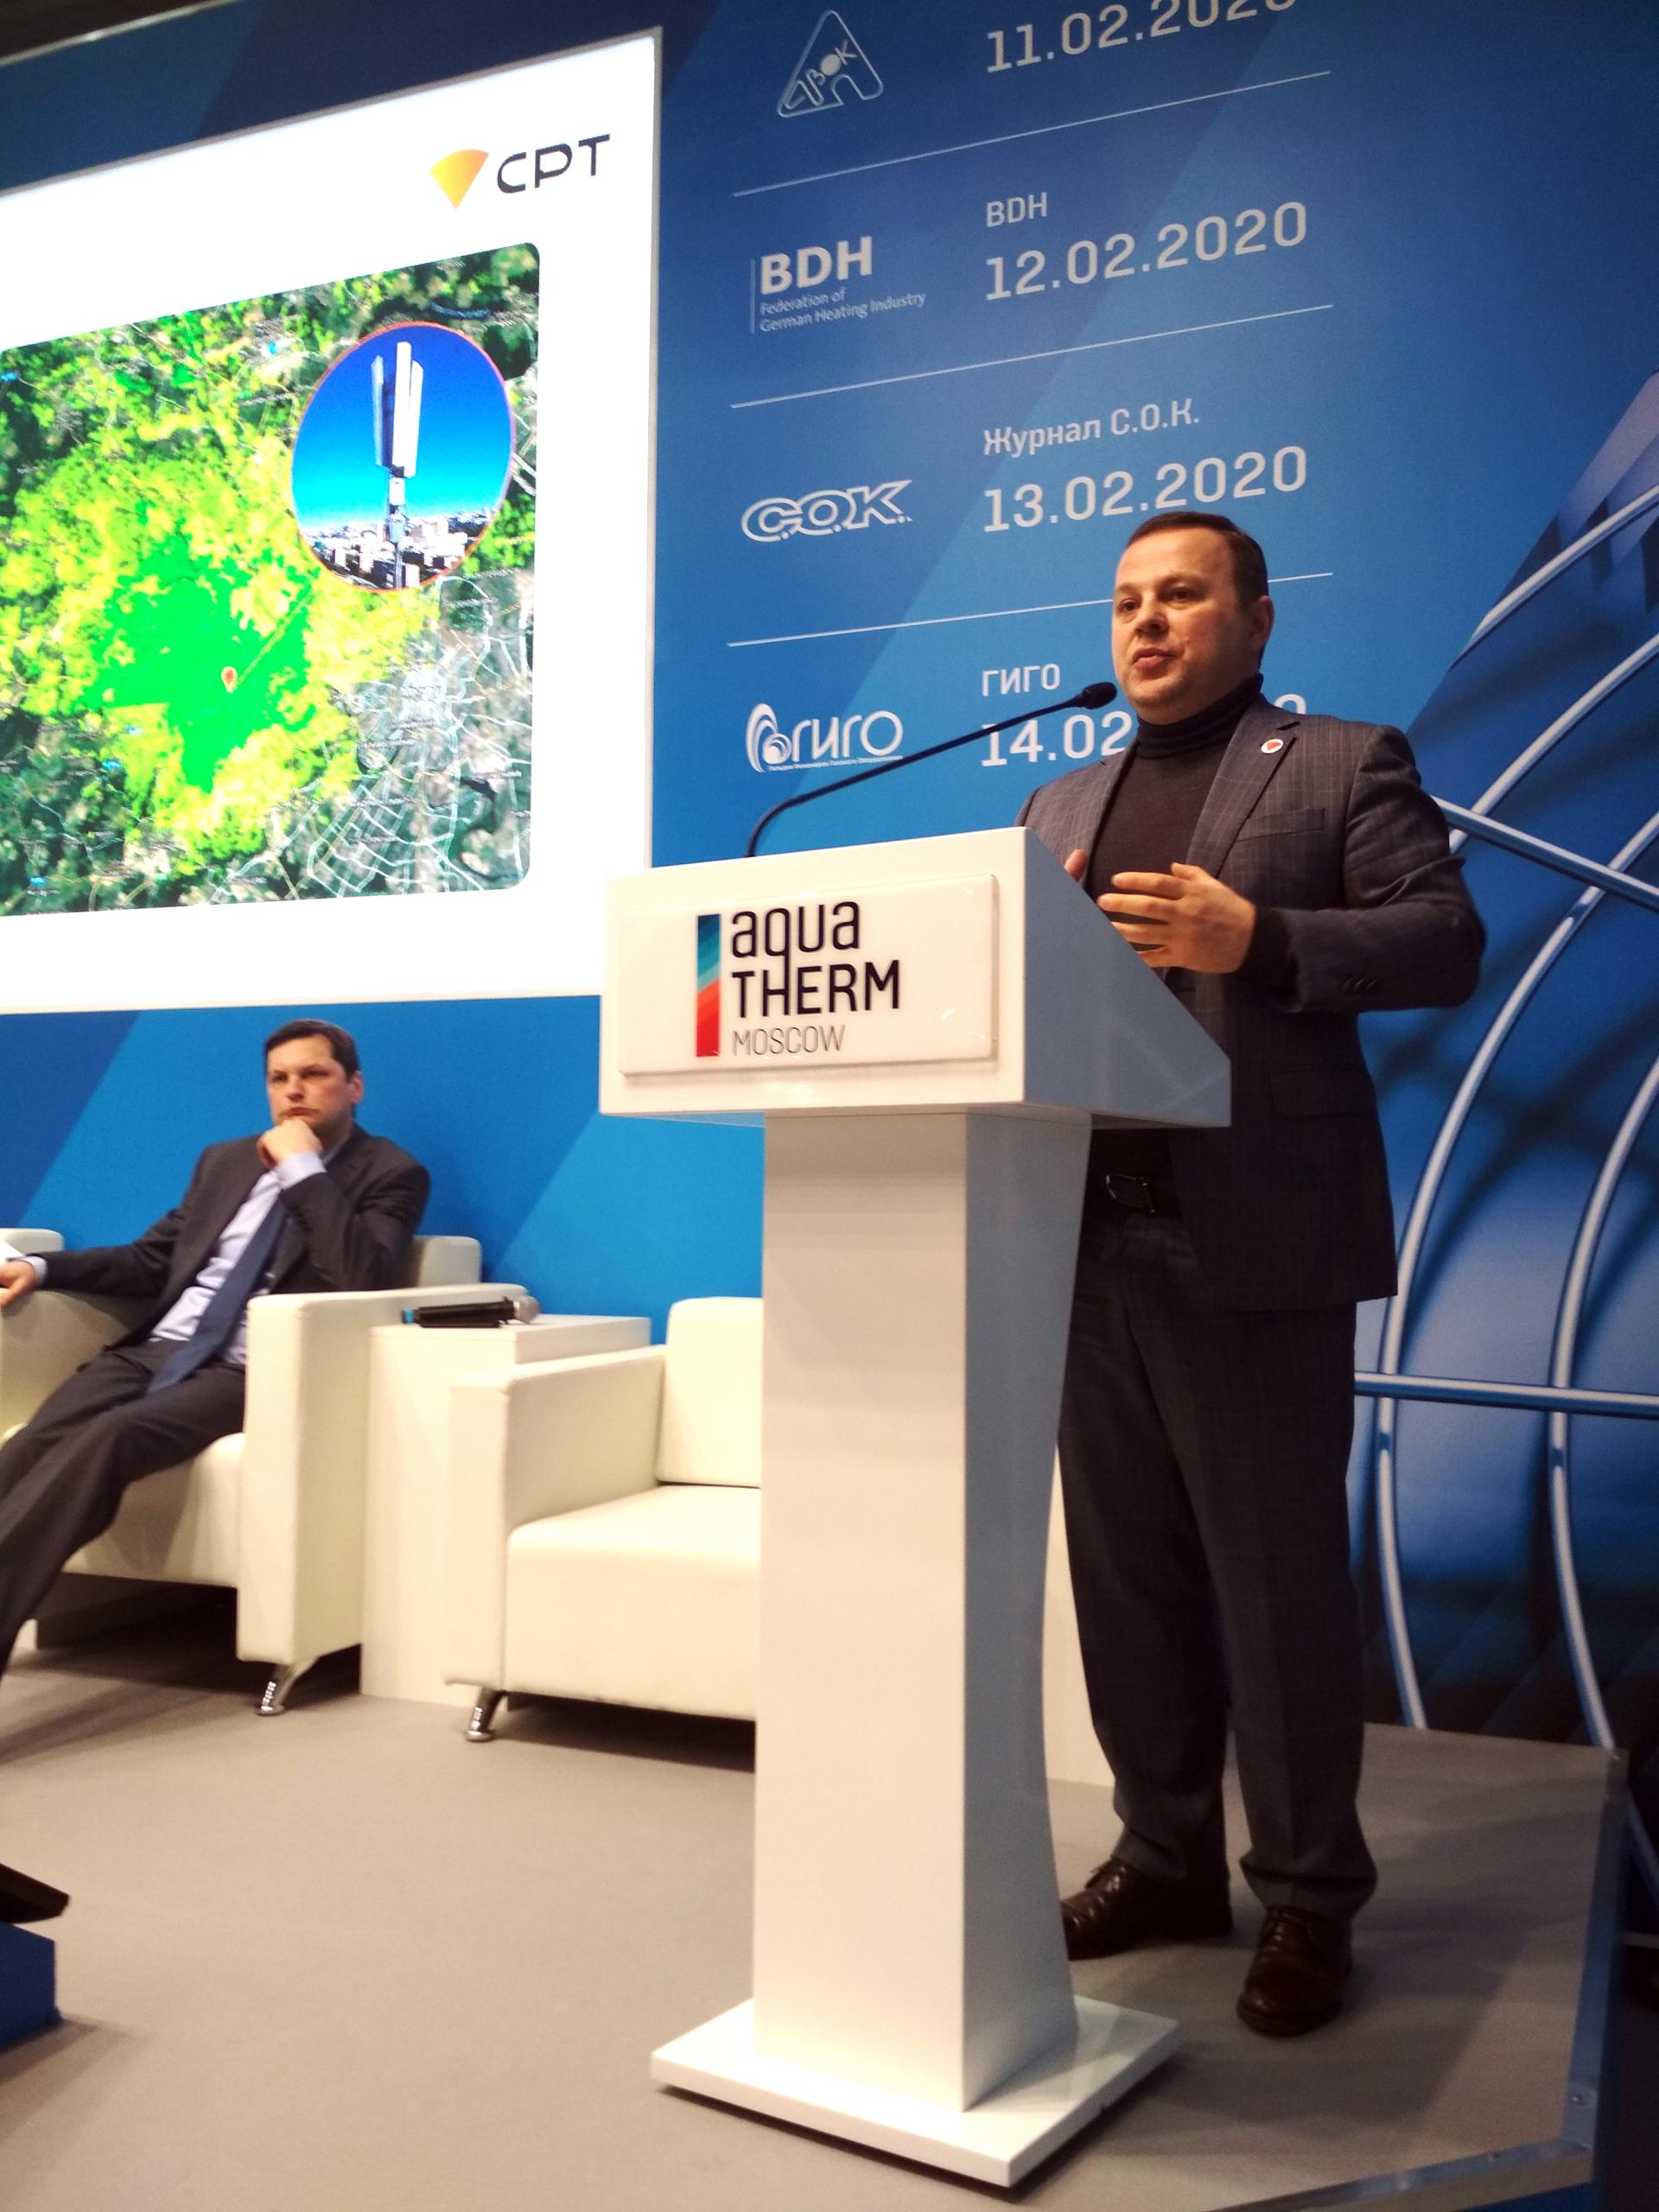 Коммерческий директор СРТ выступил на конференции АВОК рамках деловой программы выставки Aquatherm Moscow 2020